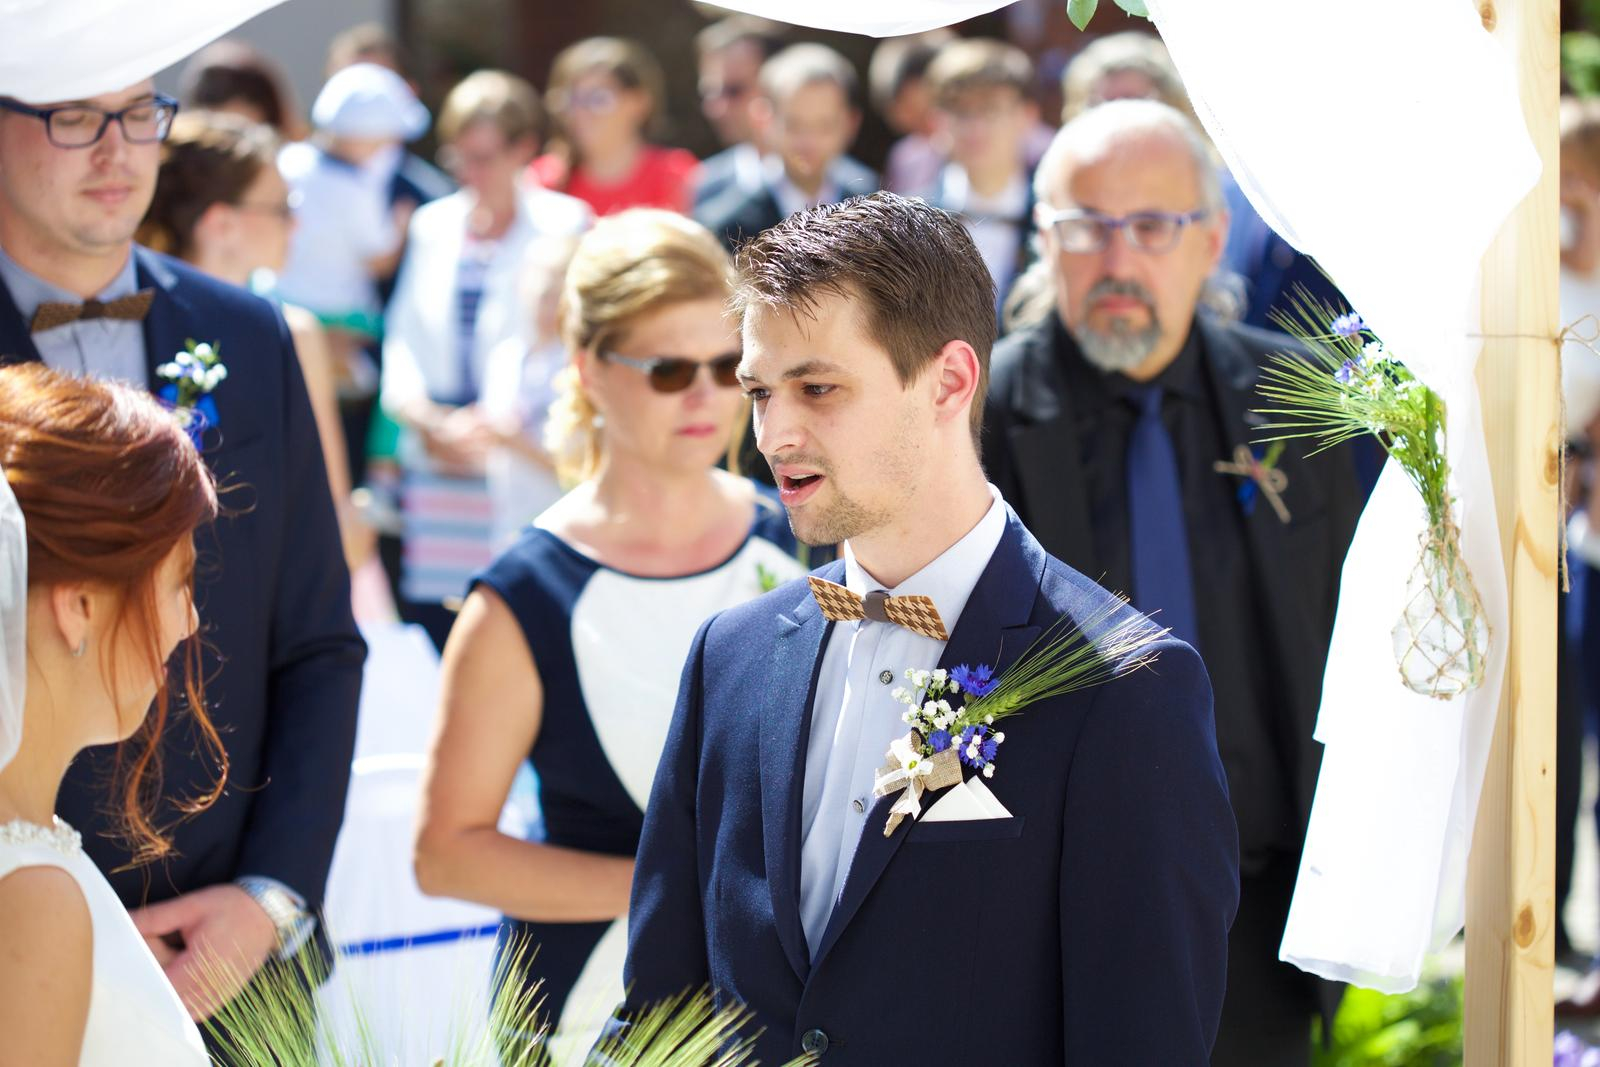 Kristýna Křížová{{_AND_}}Radovan Sobotka - Manžel říká svůj vlastnoručně sepsaný slib. Bylo to nádherné.